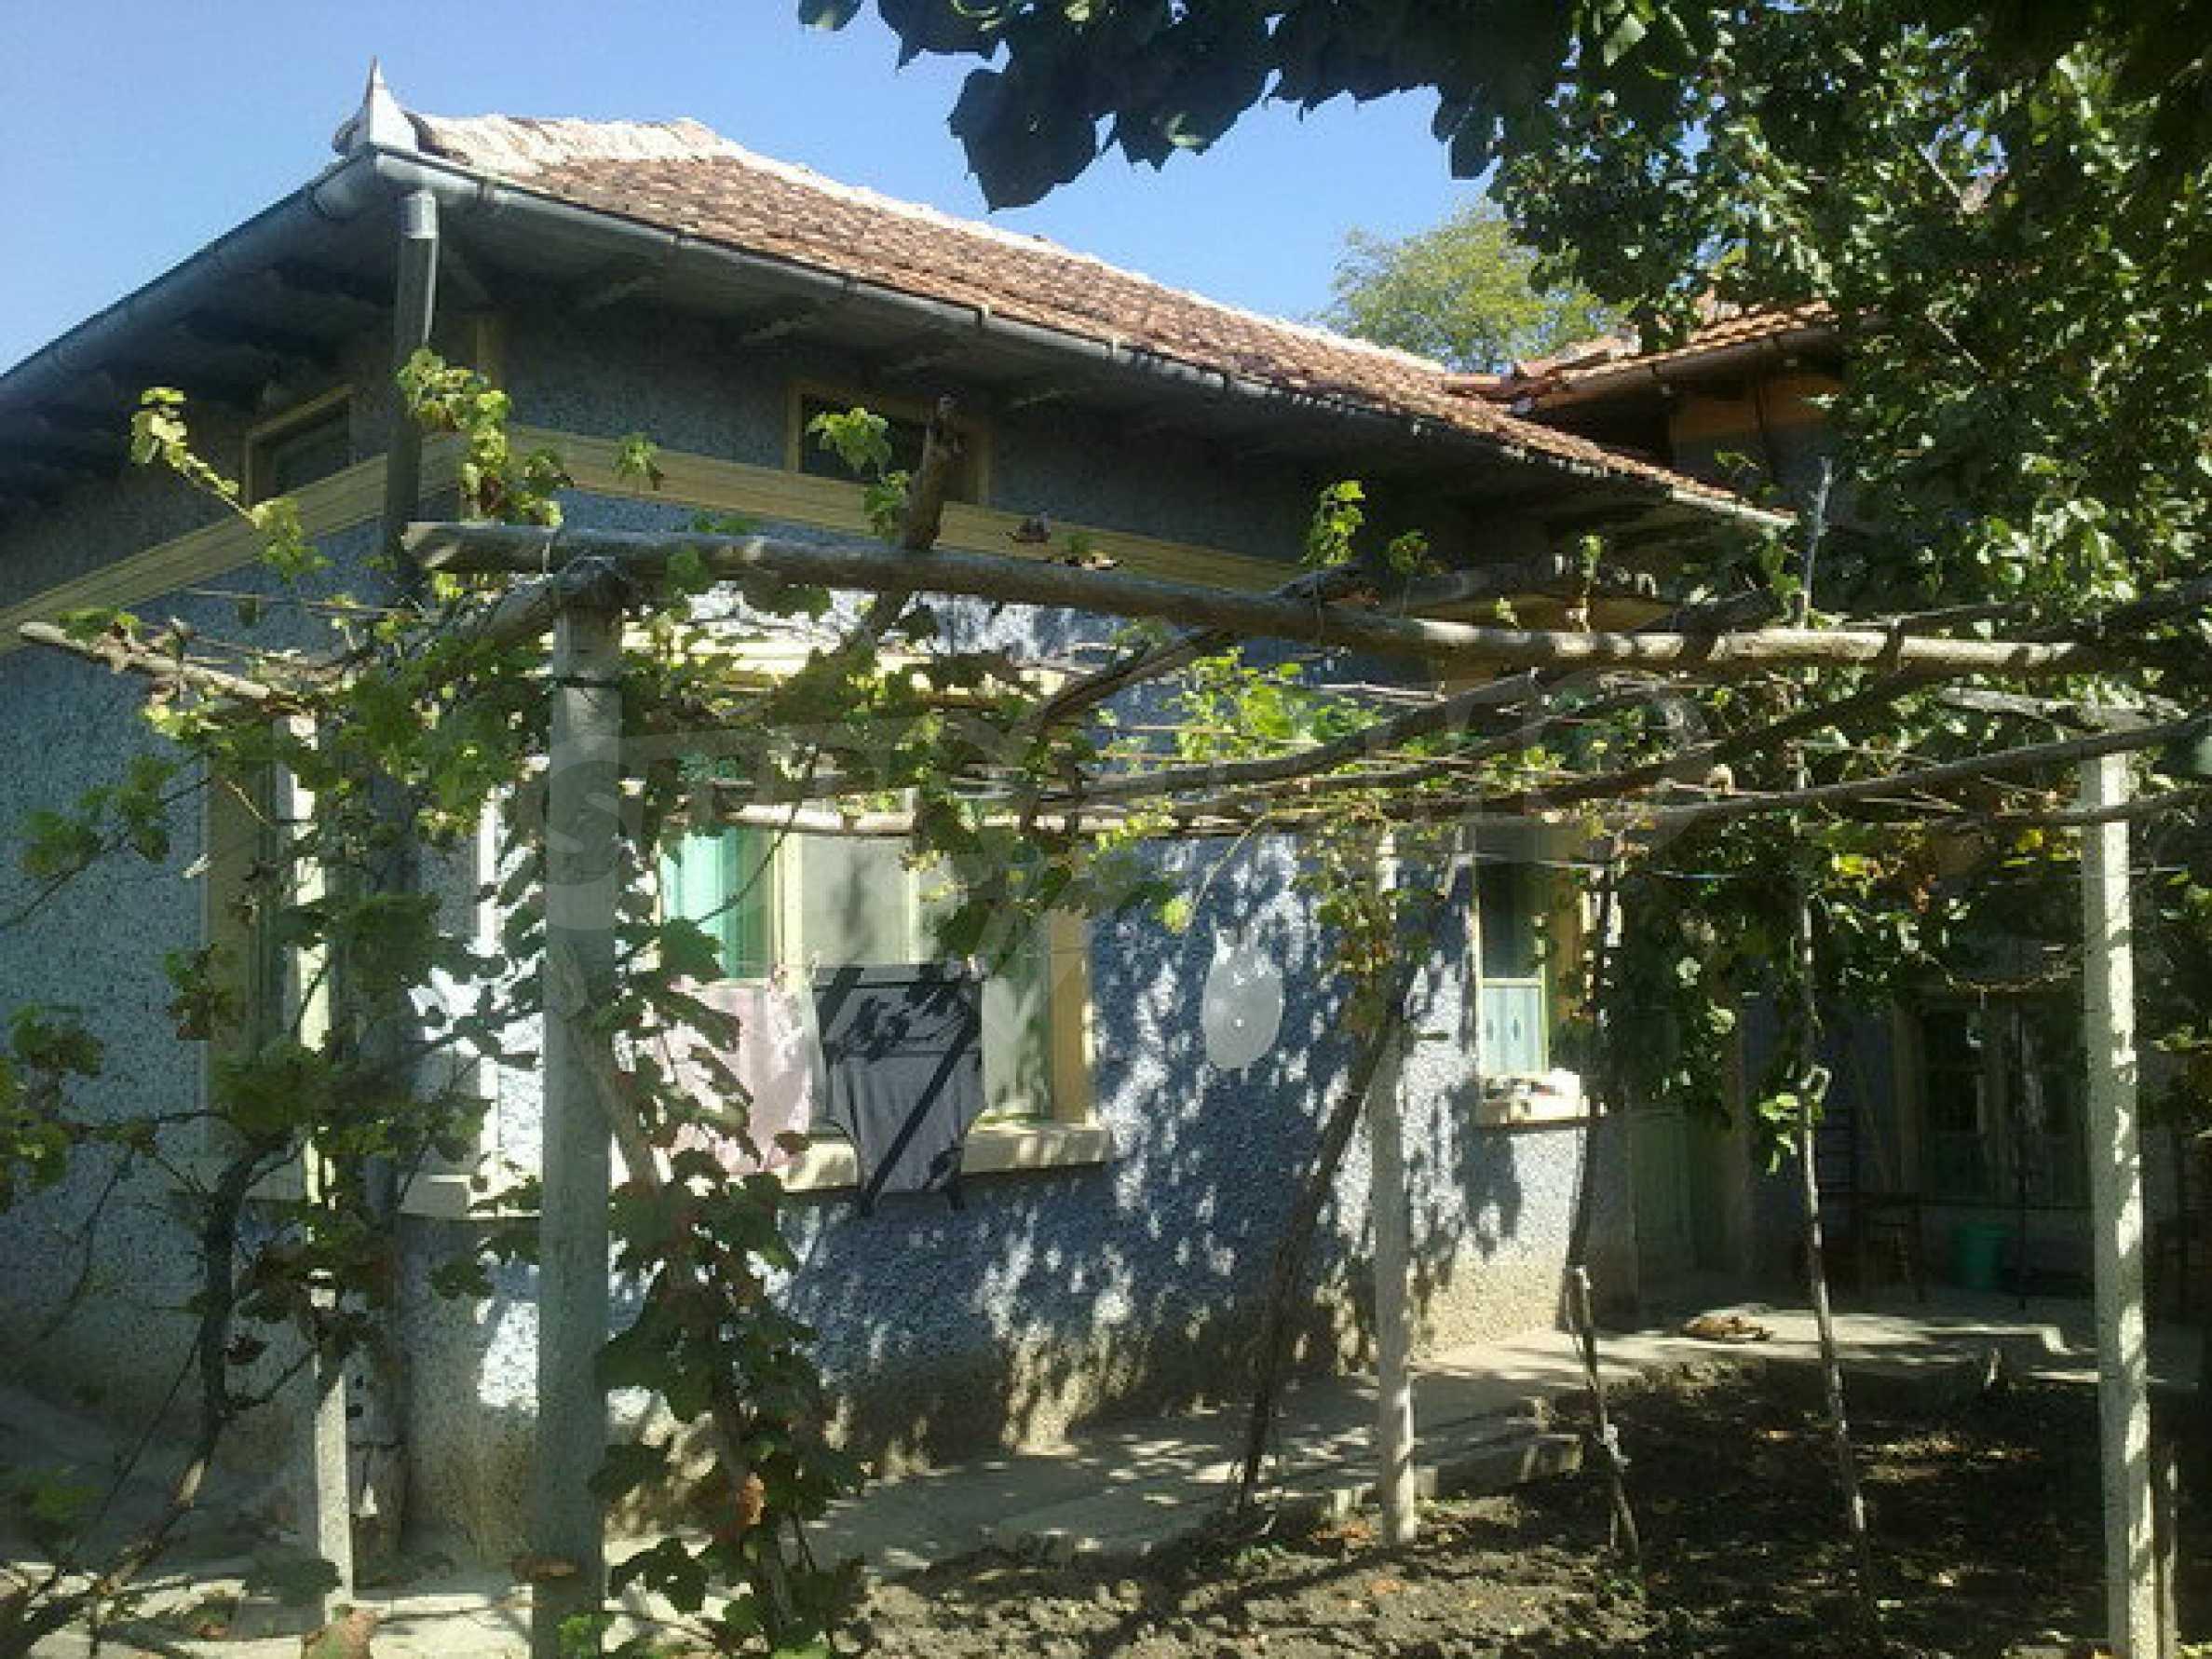 Schönes Haus in einem großen Dorf